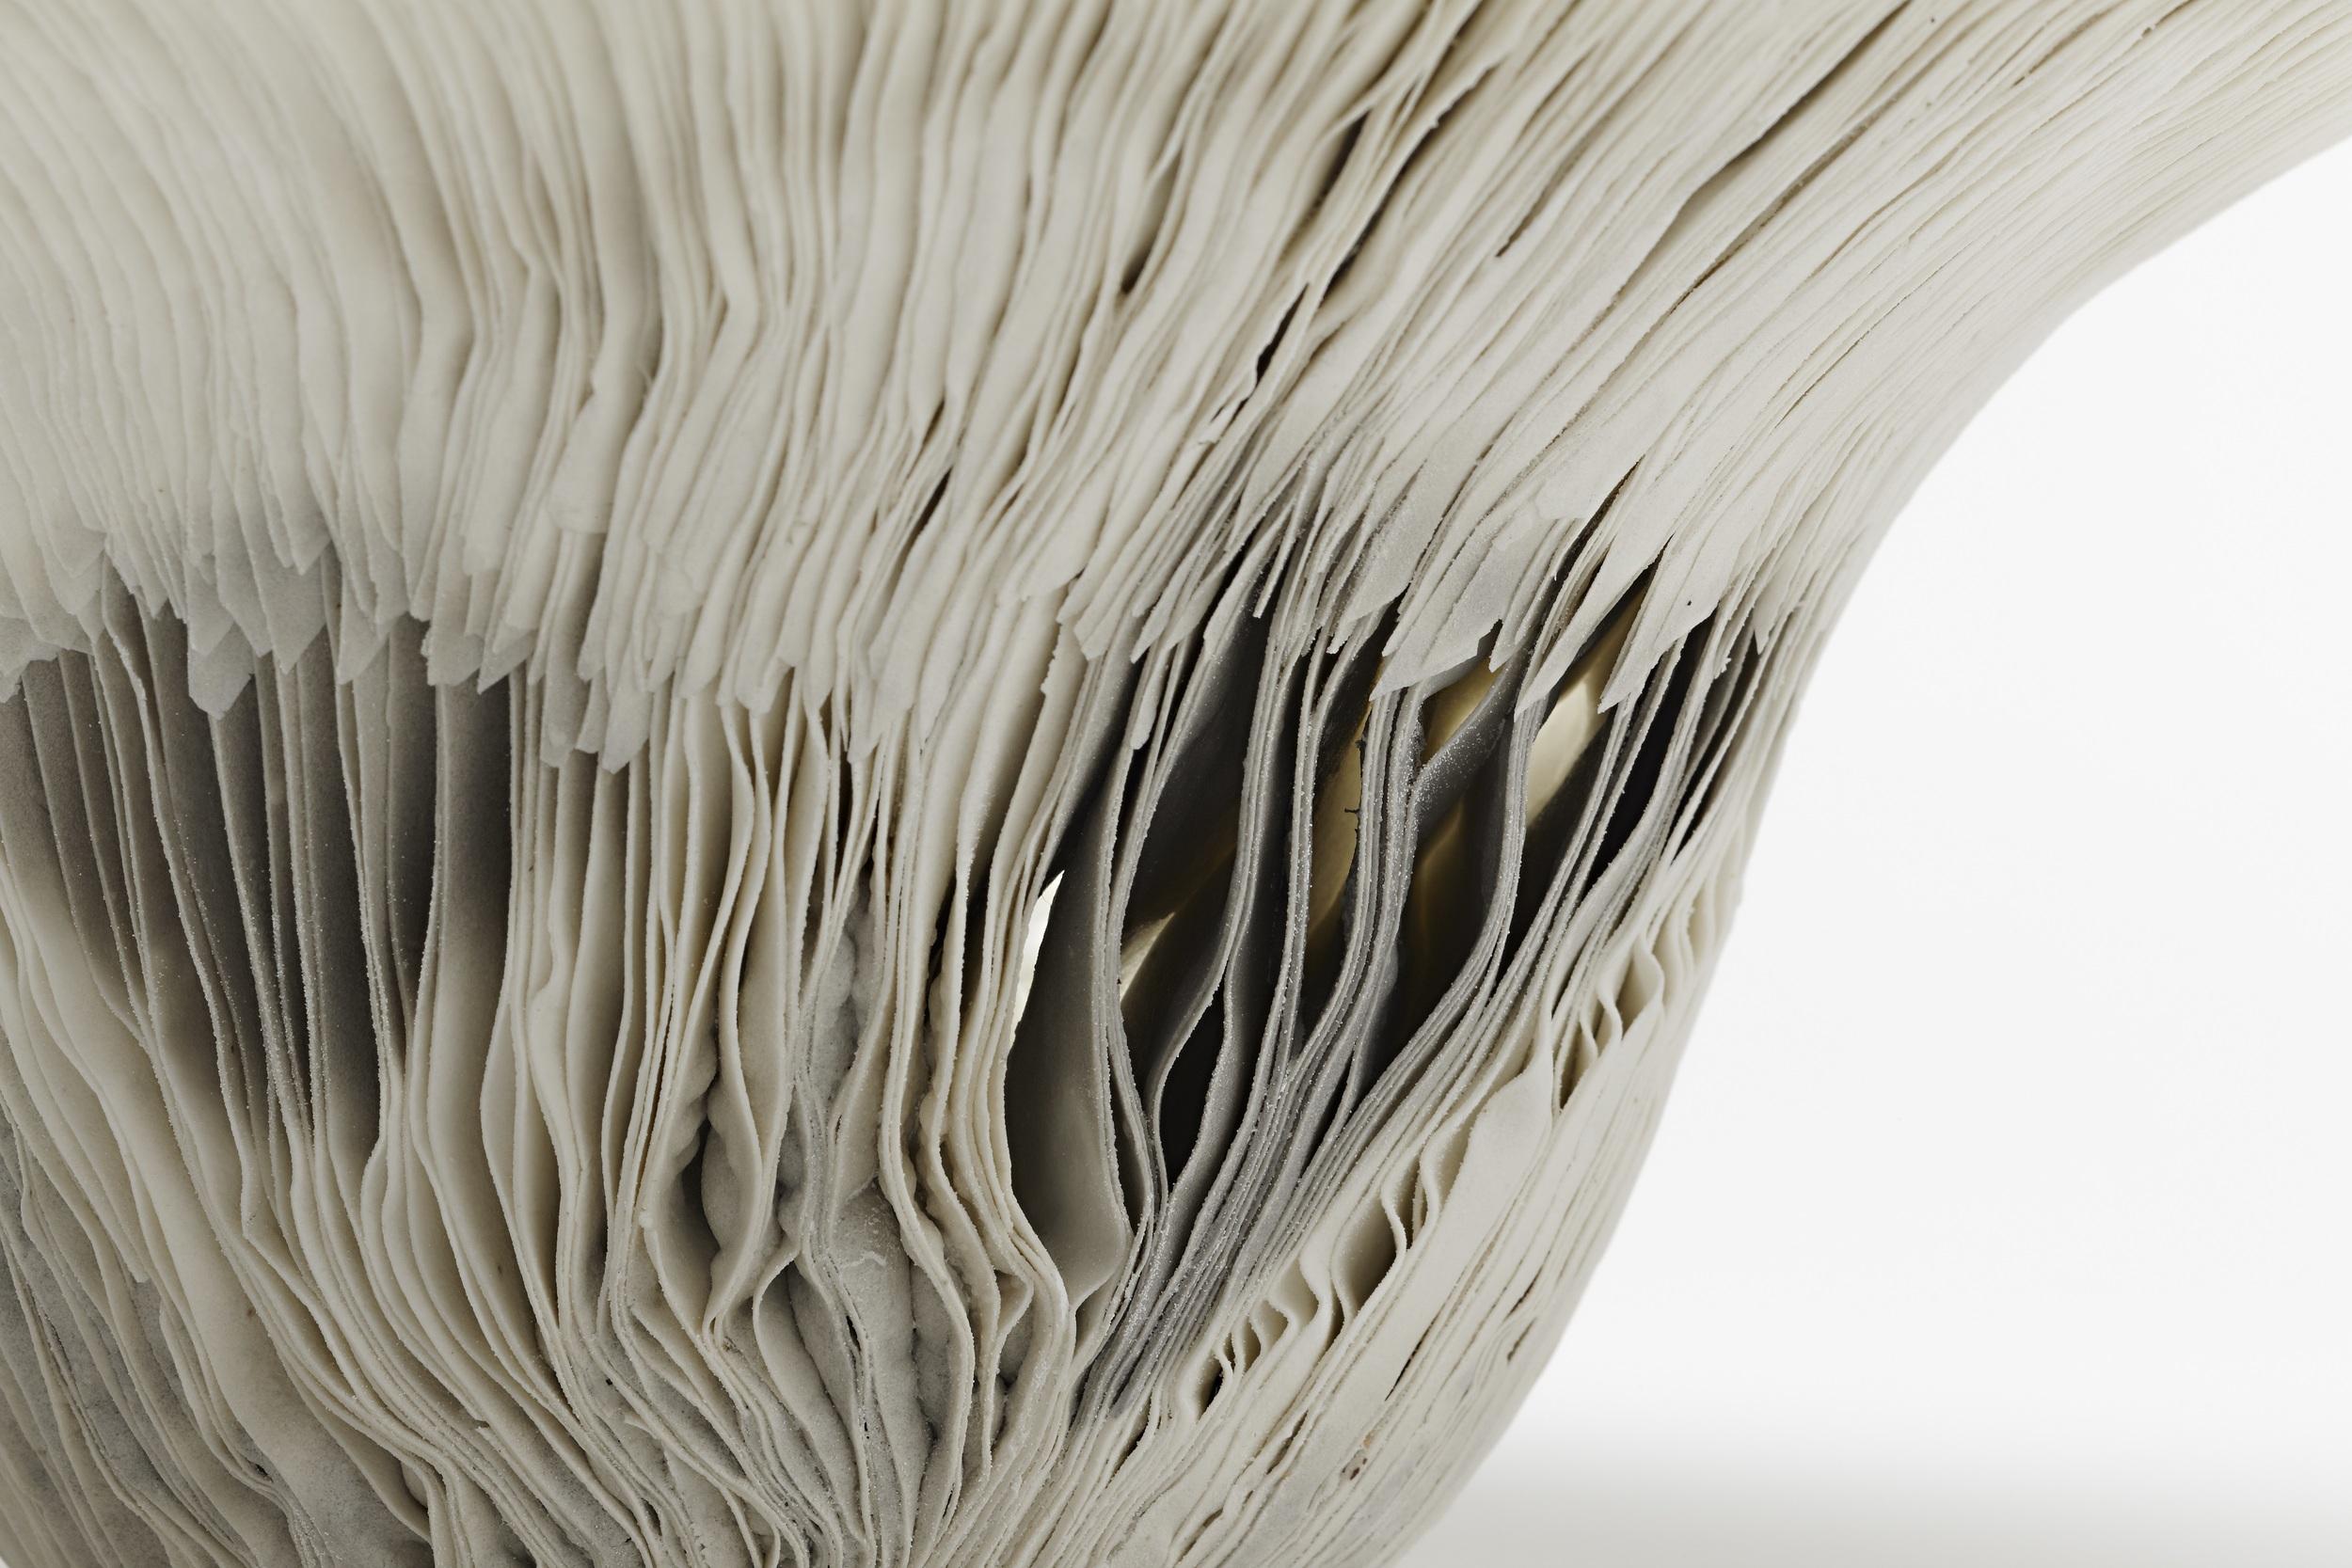 Vibration Series,  2011, artist blend glaze material, detail